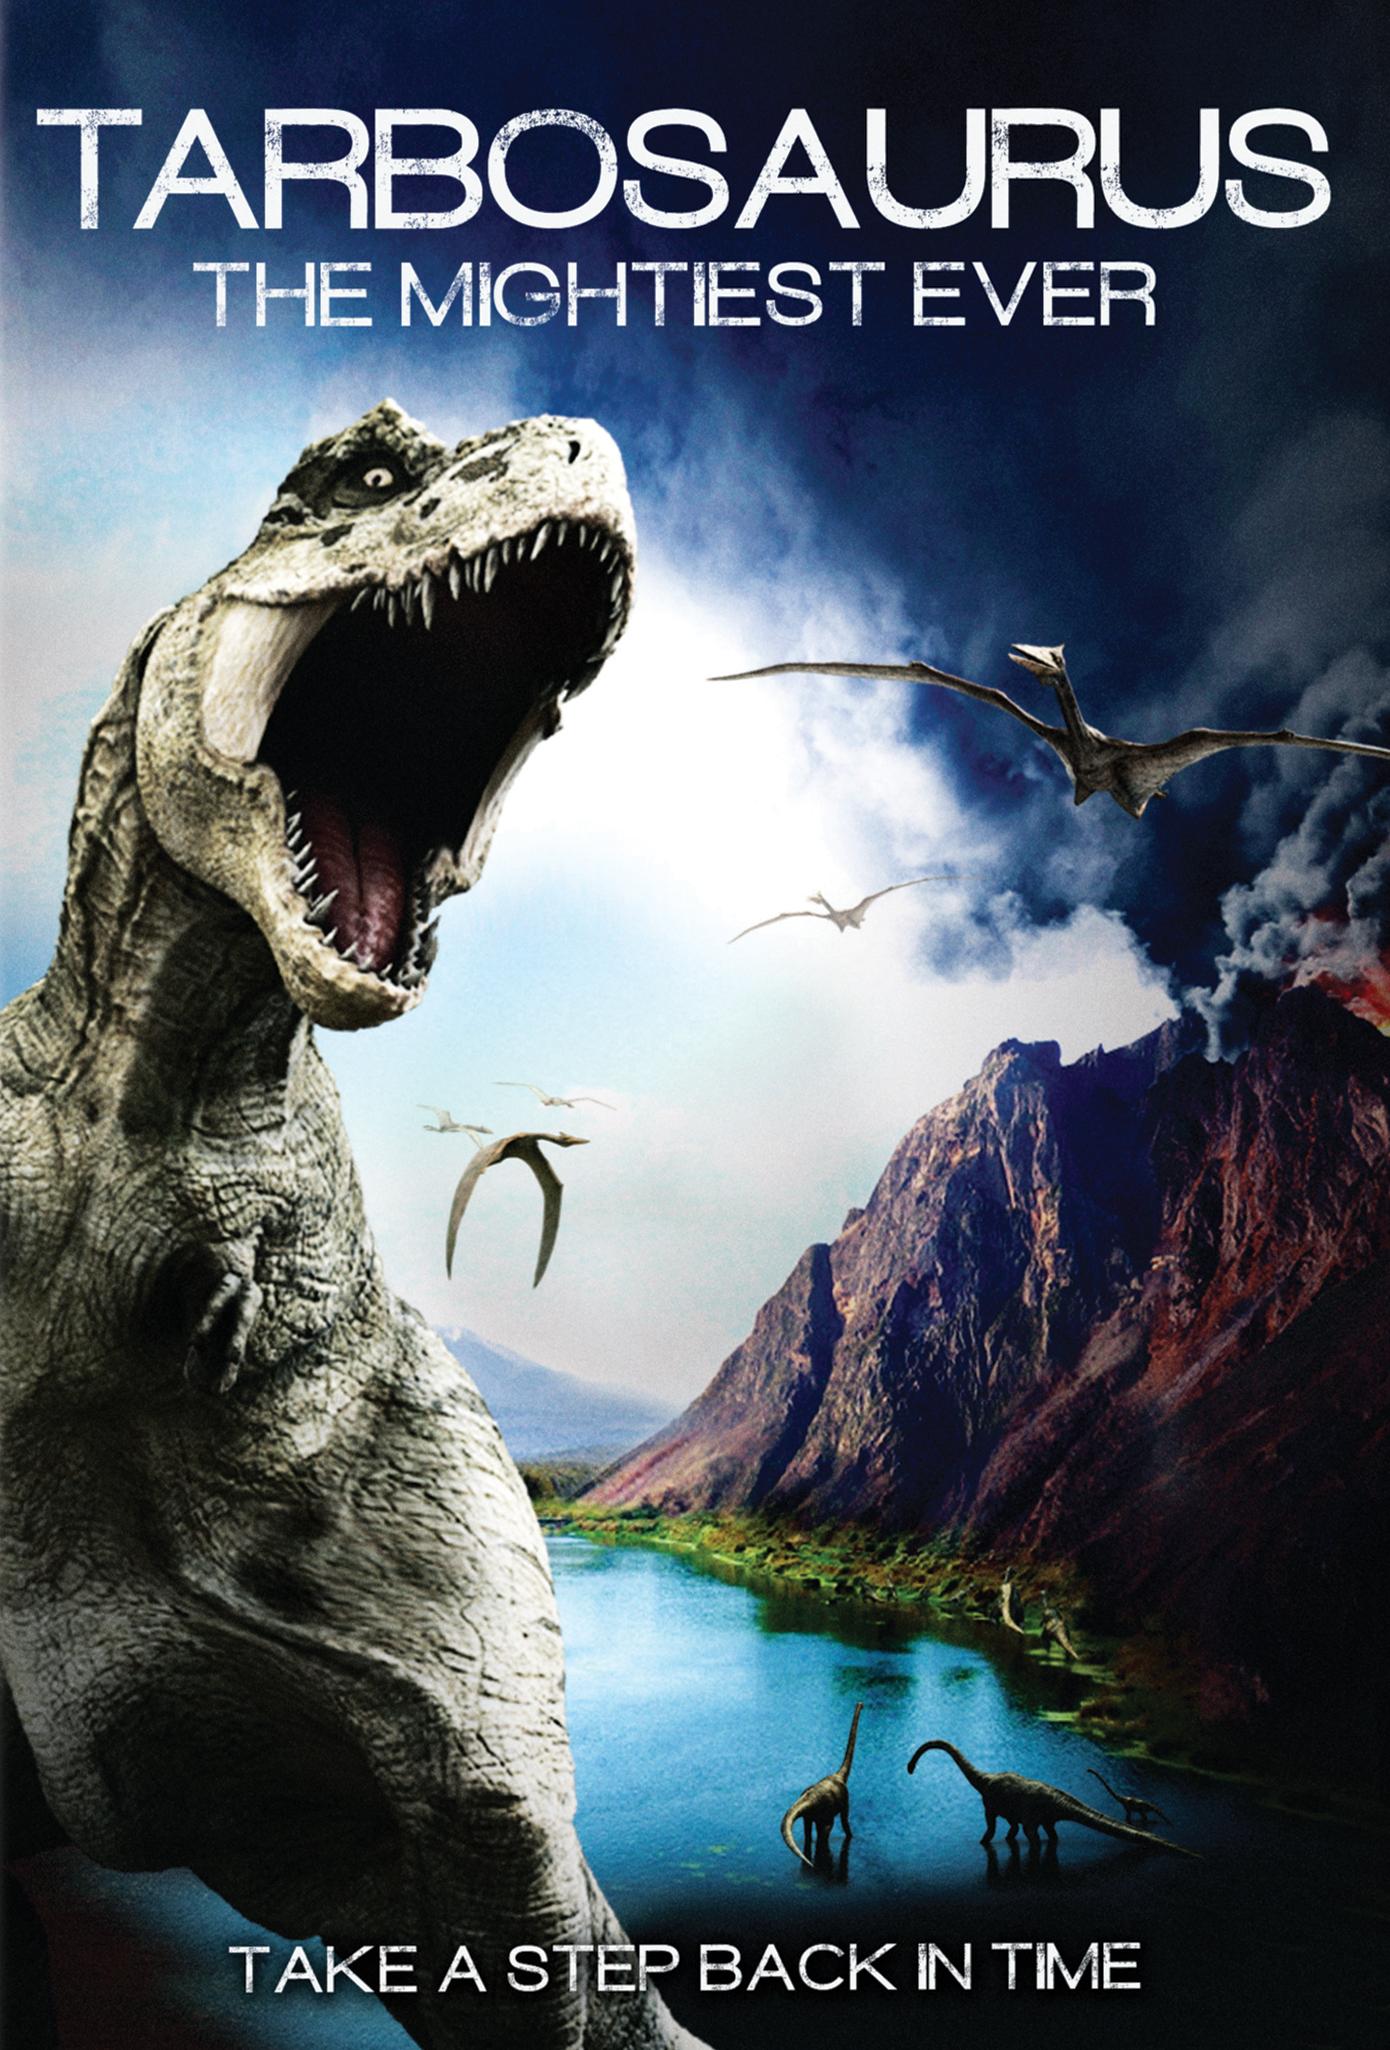 Tarbosaurus: The Mightiest Ever